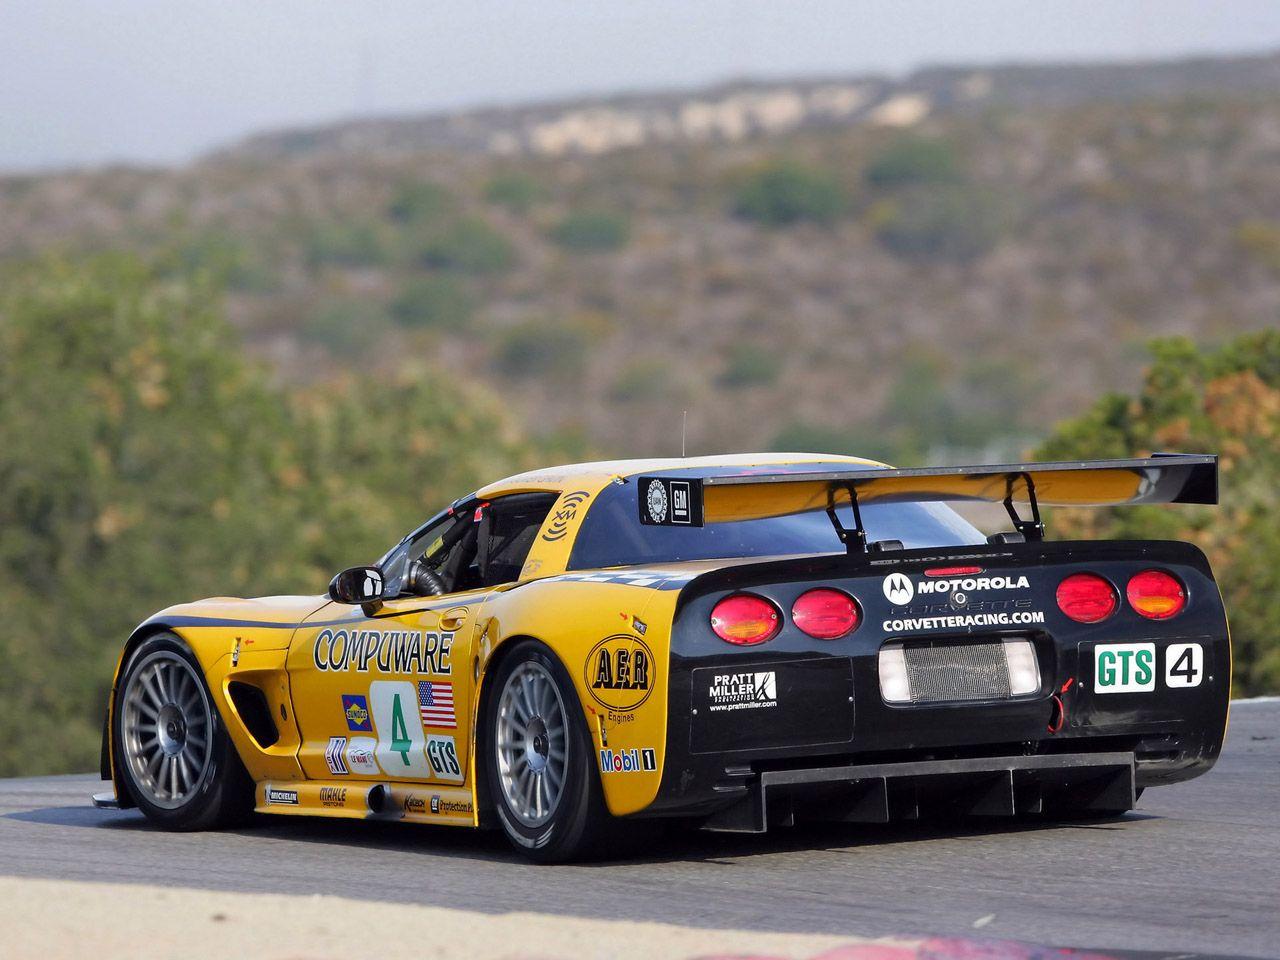 2004 chevrolet corvette laguna seca rear angle wallpaper - Corvette C5 Logo Wallpaper